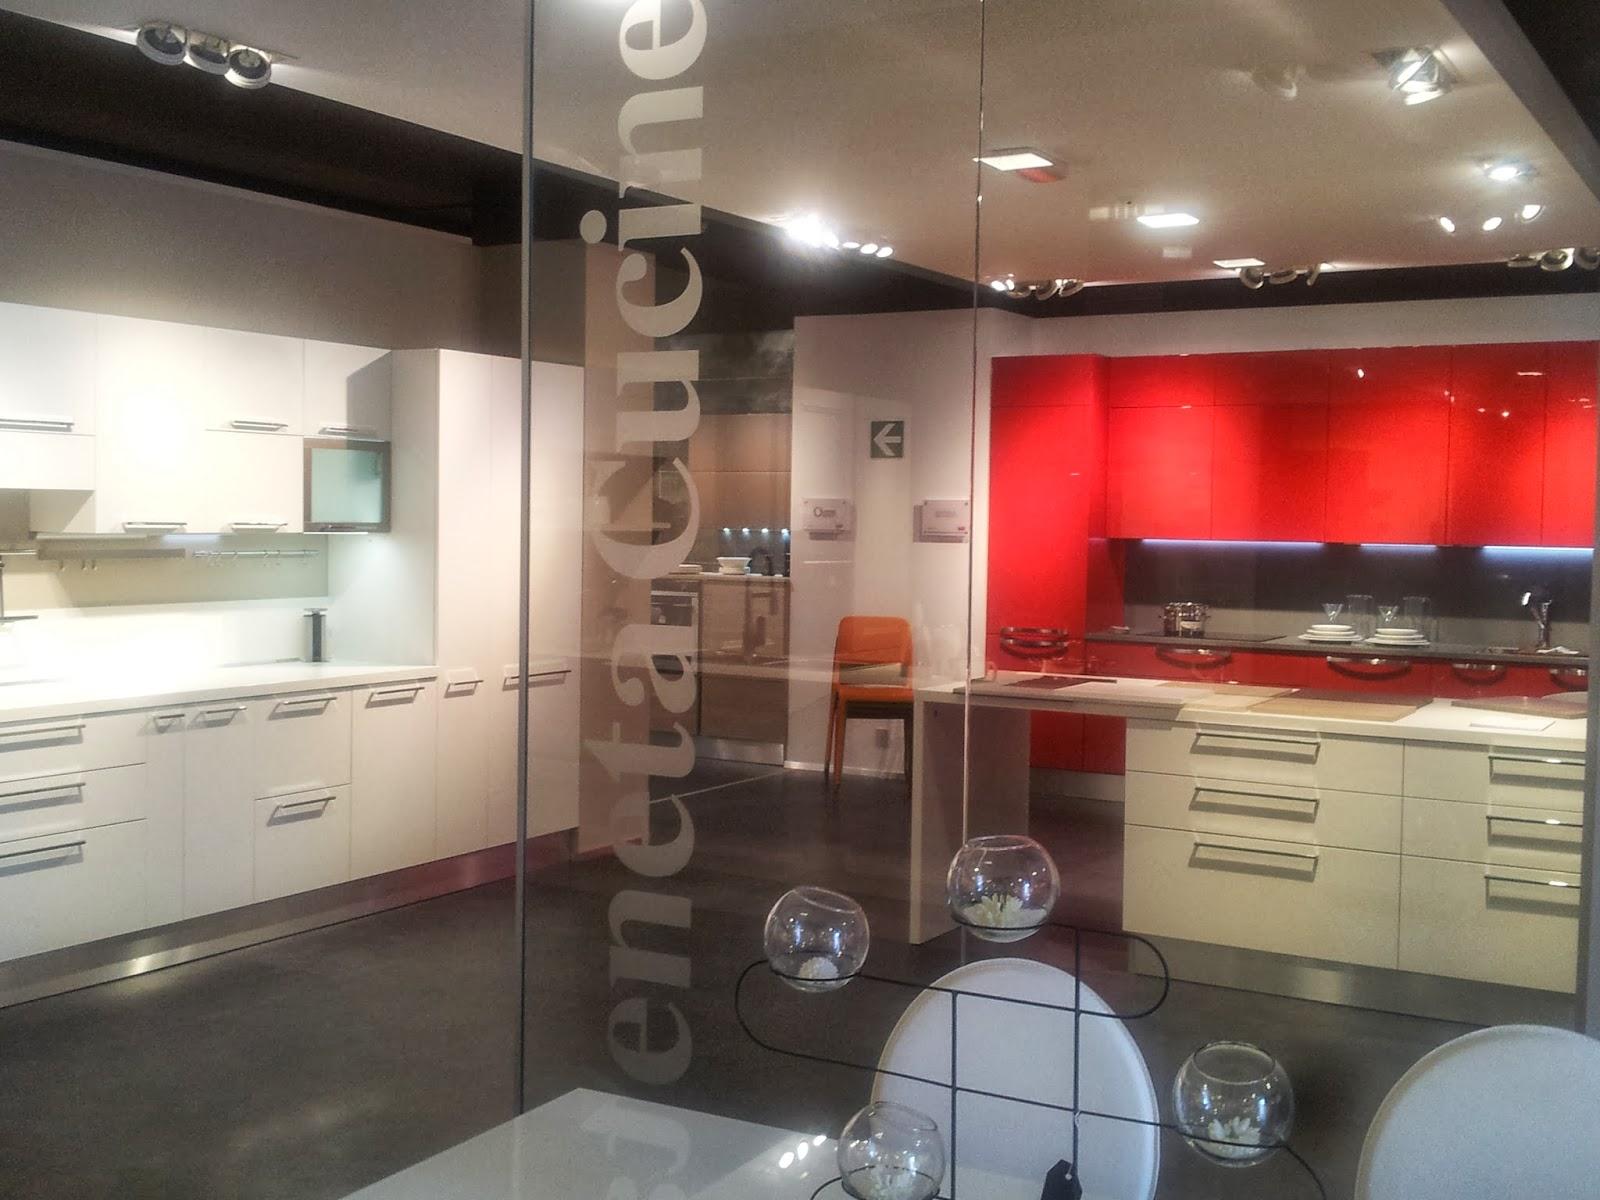 Veneta Cucine Domus Arredi : Piano In Quarzo Al Prezzo Del Laminato  #B81613 1600 1200 Cucine Veneta Villa D'este